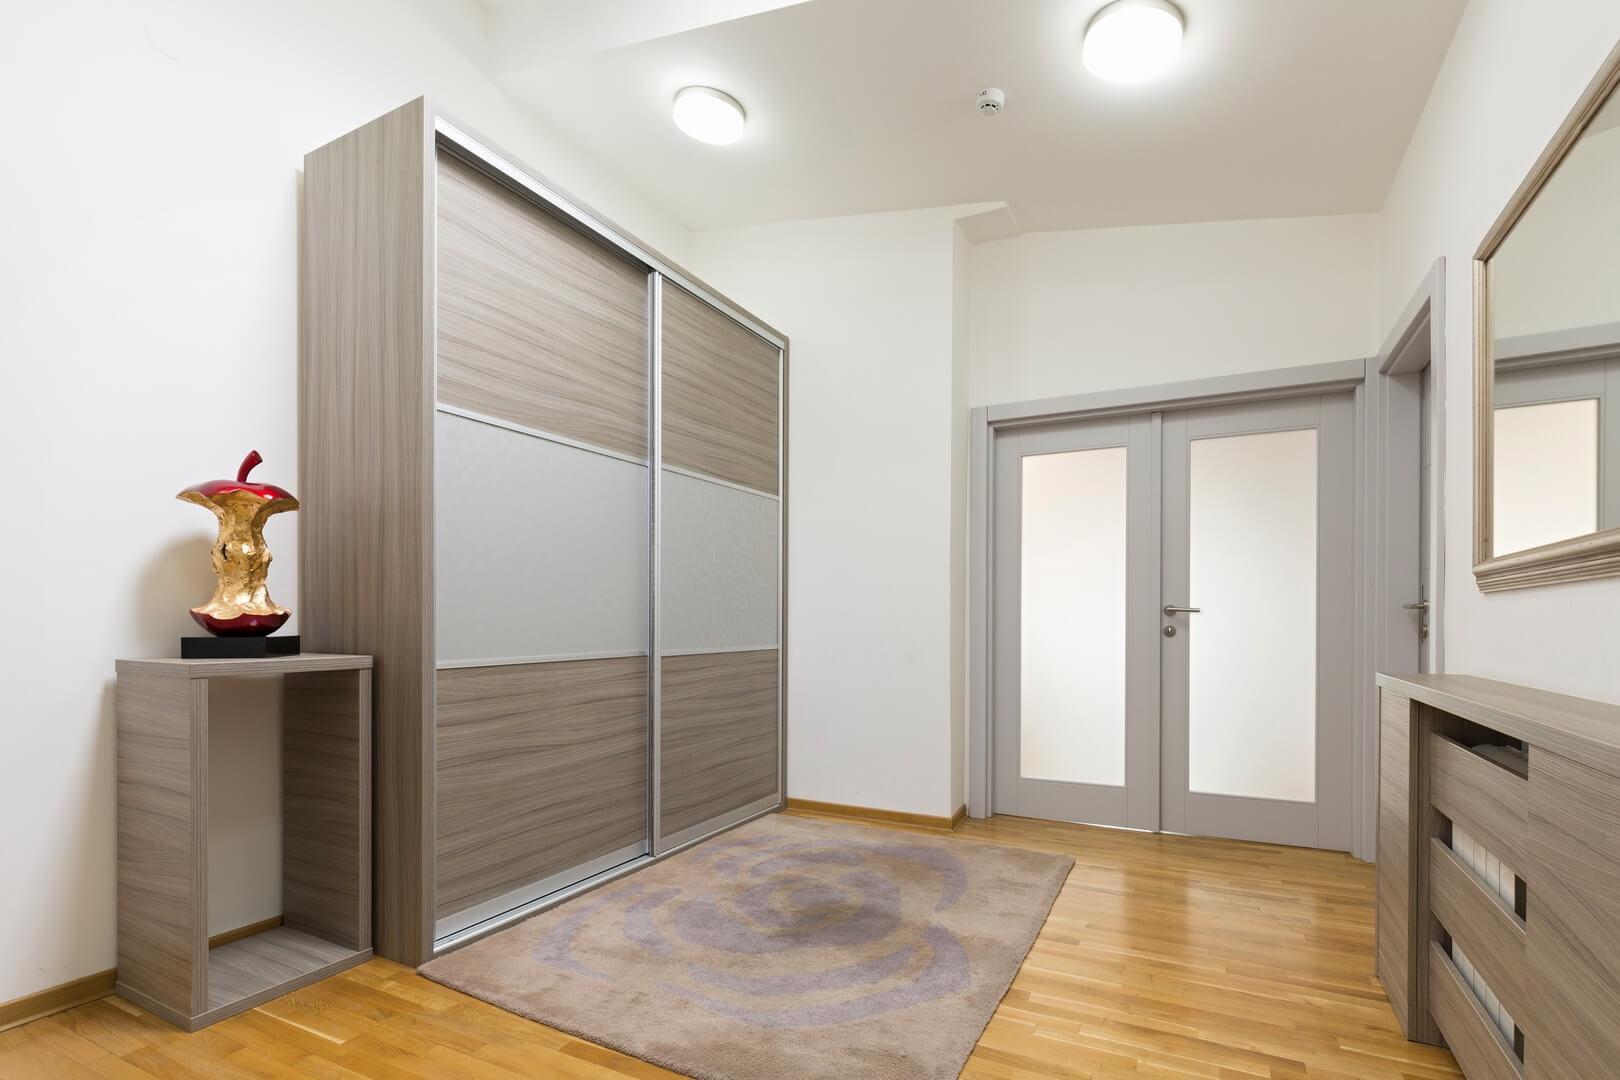 Szafa z drzwiami przesuwnymi do pokoju w ciemnym kolorze i szarymi wstawkami